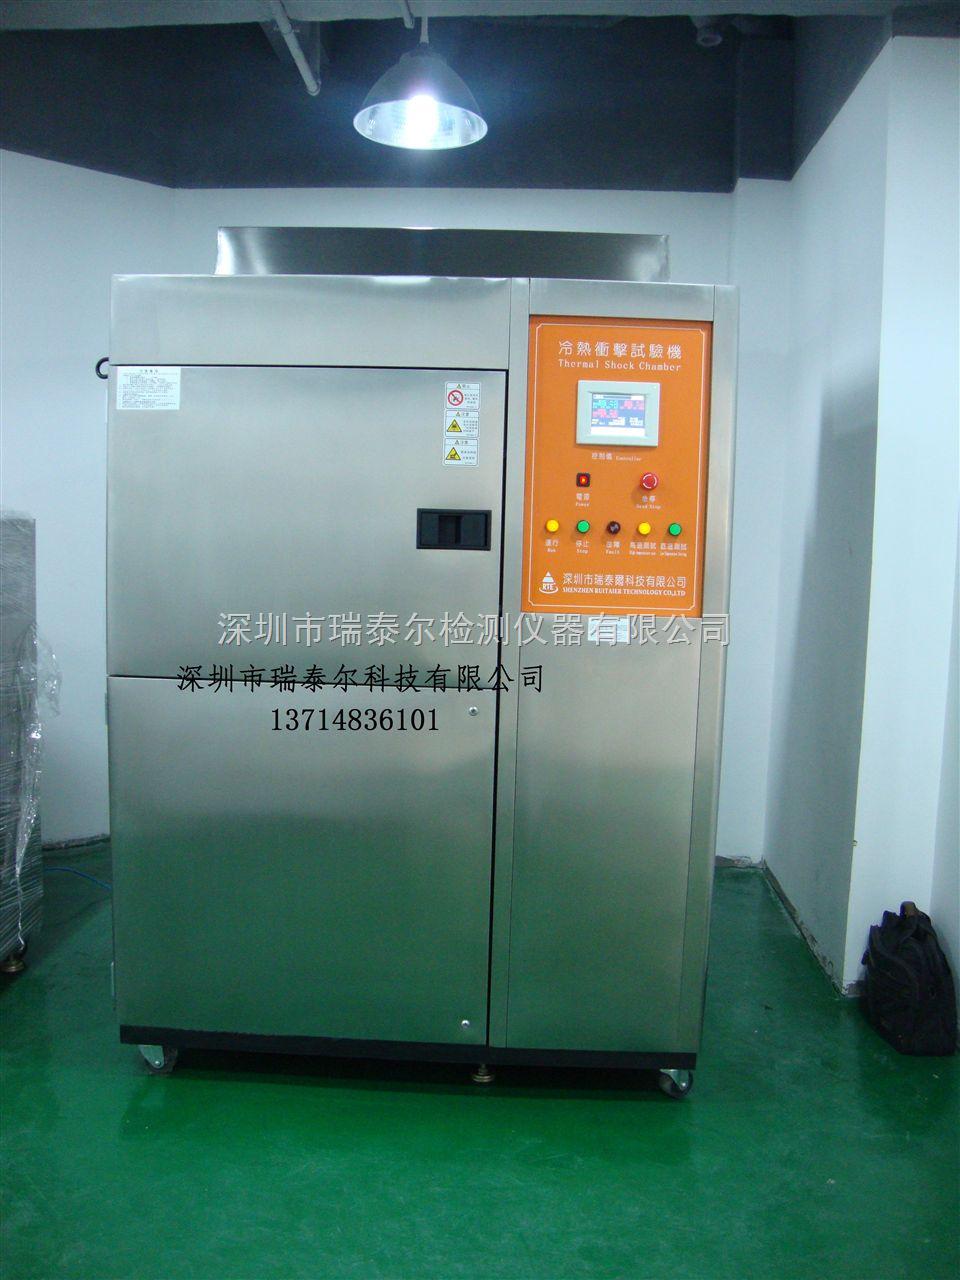 冷热冲击试验箱深圳|深圳龙岗温度冲击试验机